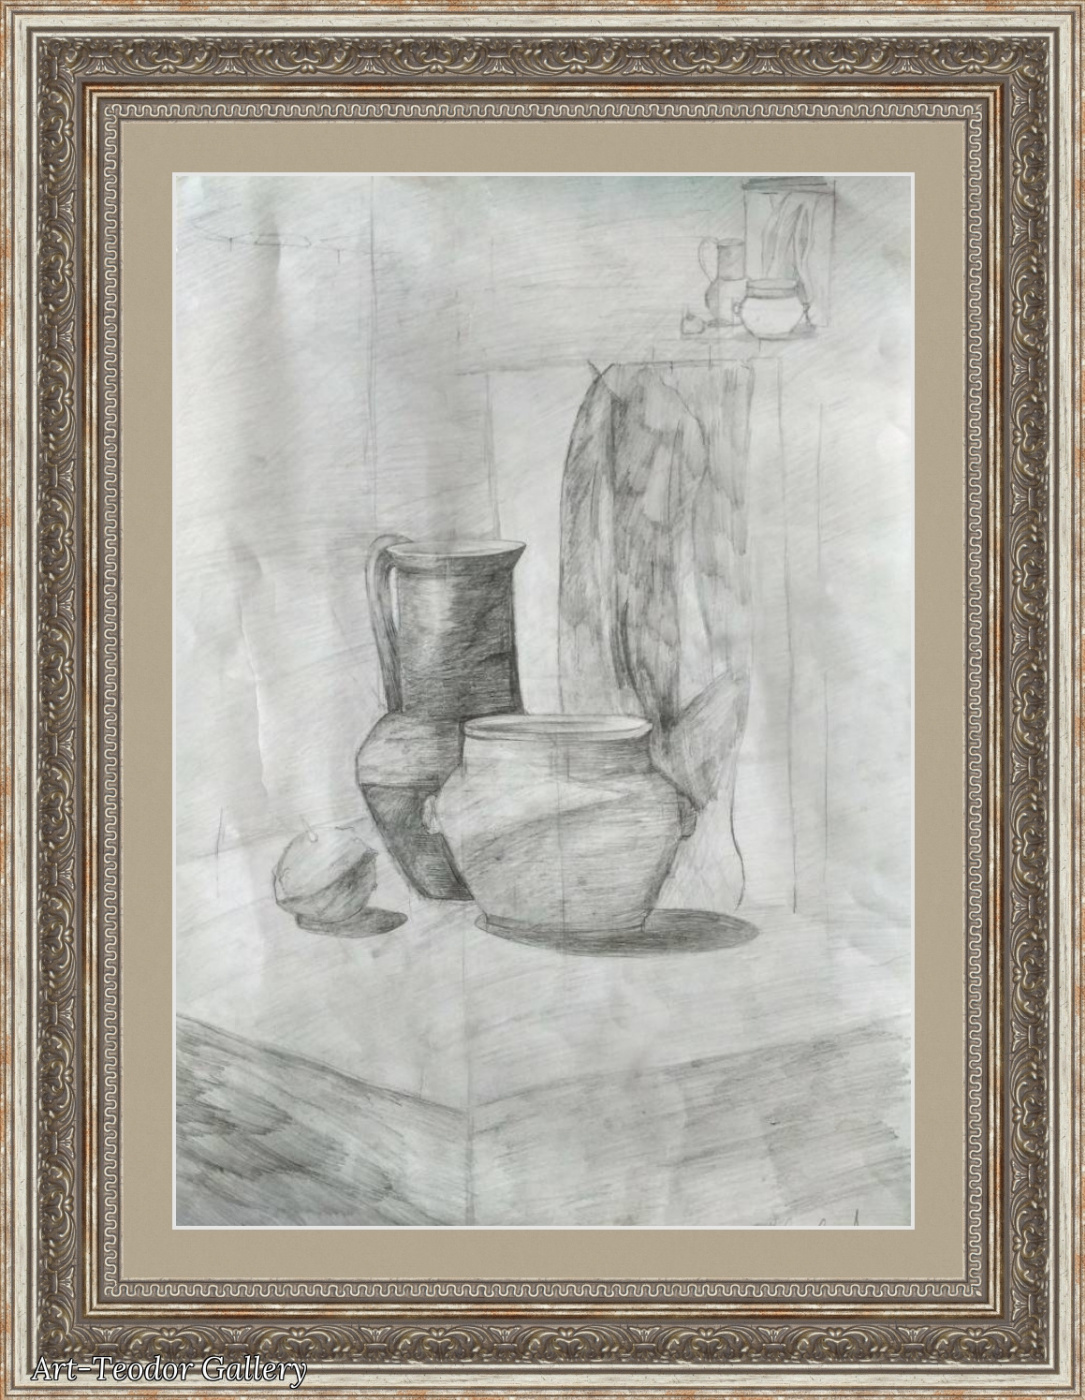 Art-Teodor Gallery. Still life pencil jugs